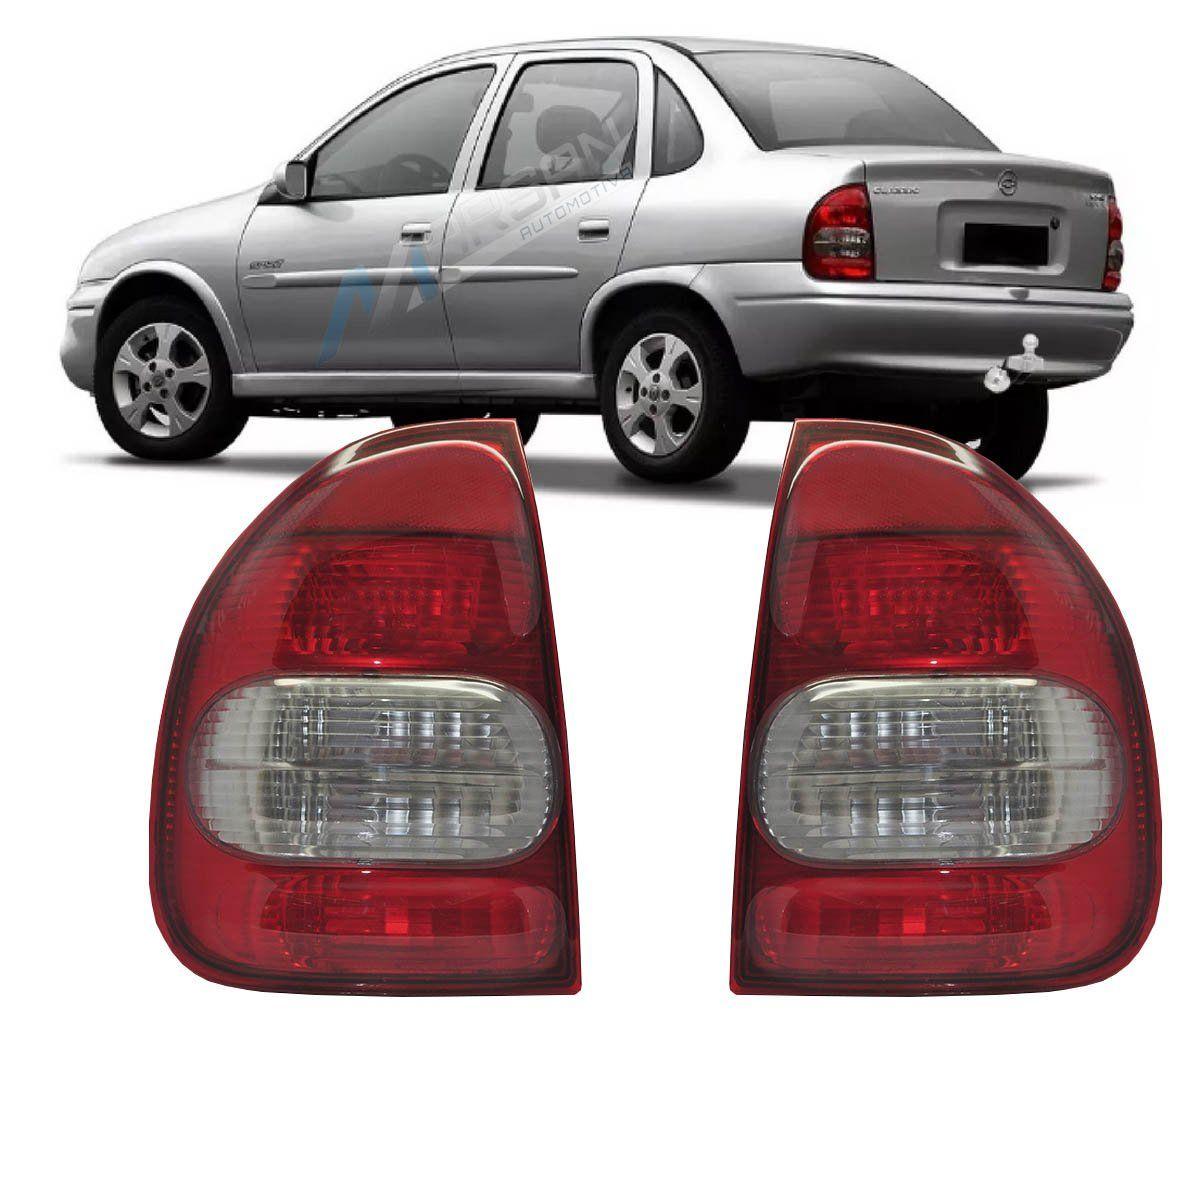 Lanterna Traseira Bicolar Corsa Sedan 00 a 02 Classic 03 a 10